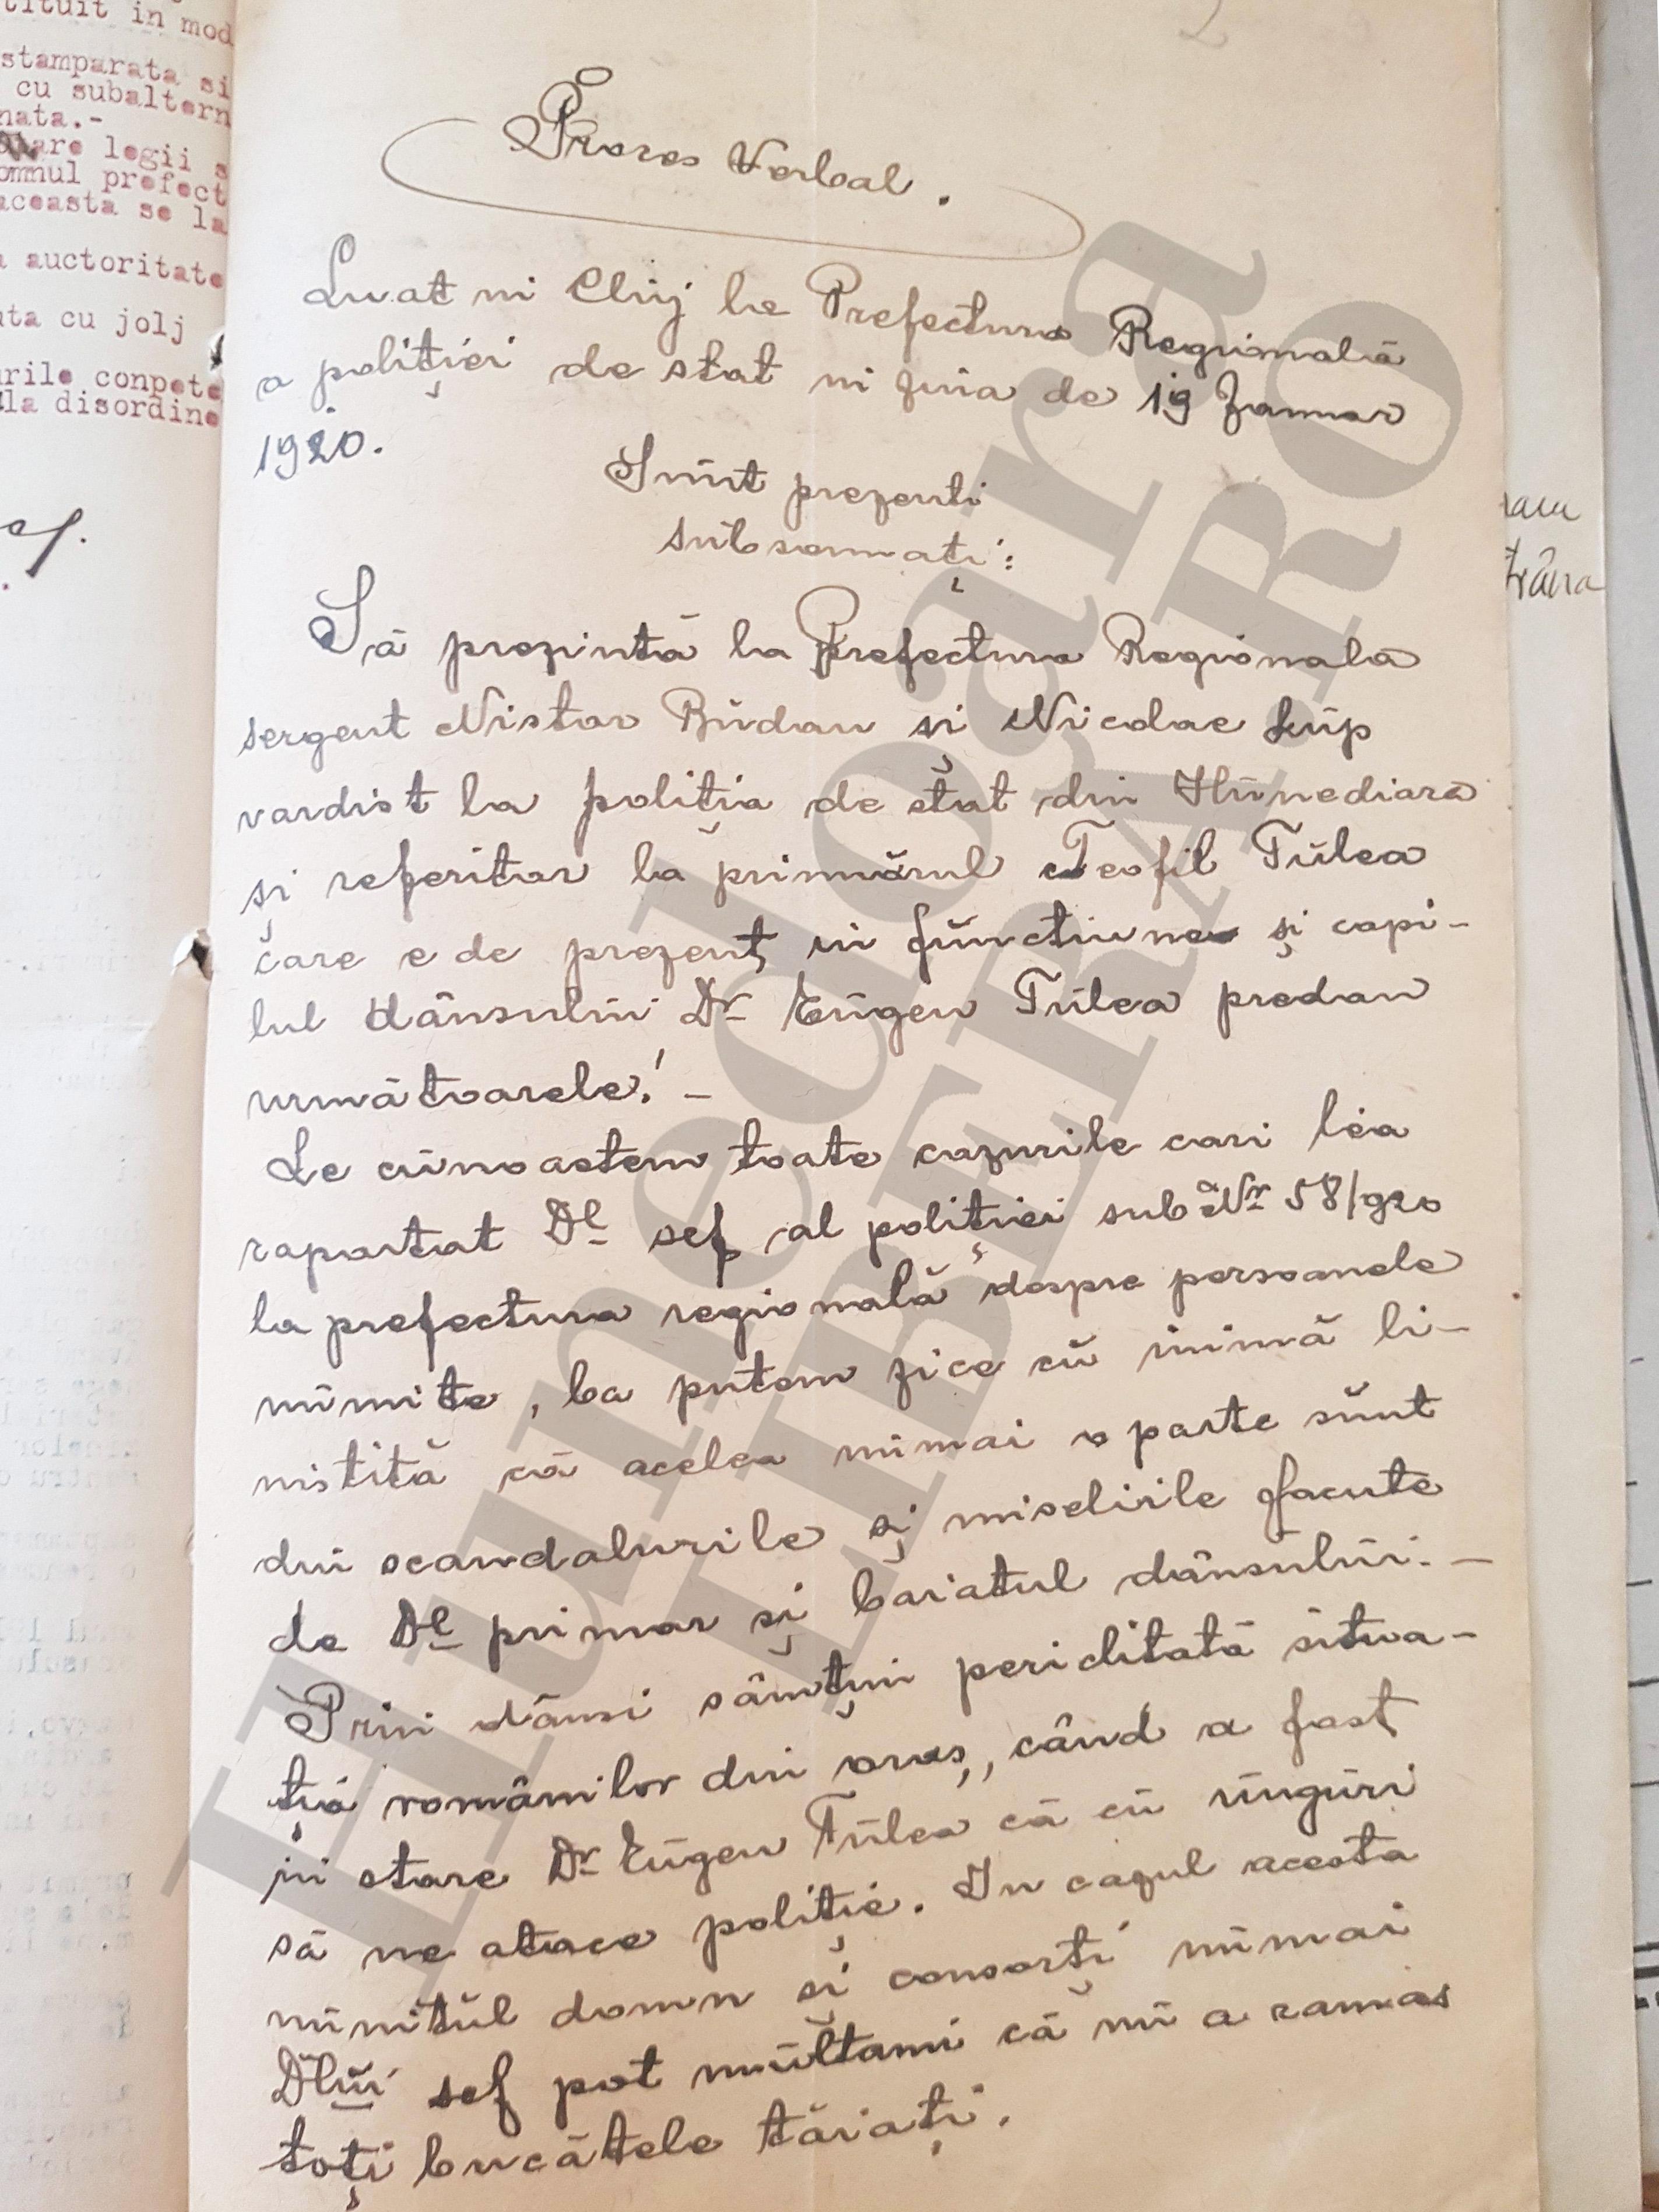 RECLAMATIE 1920 WM (1)